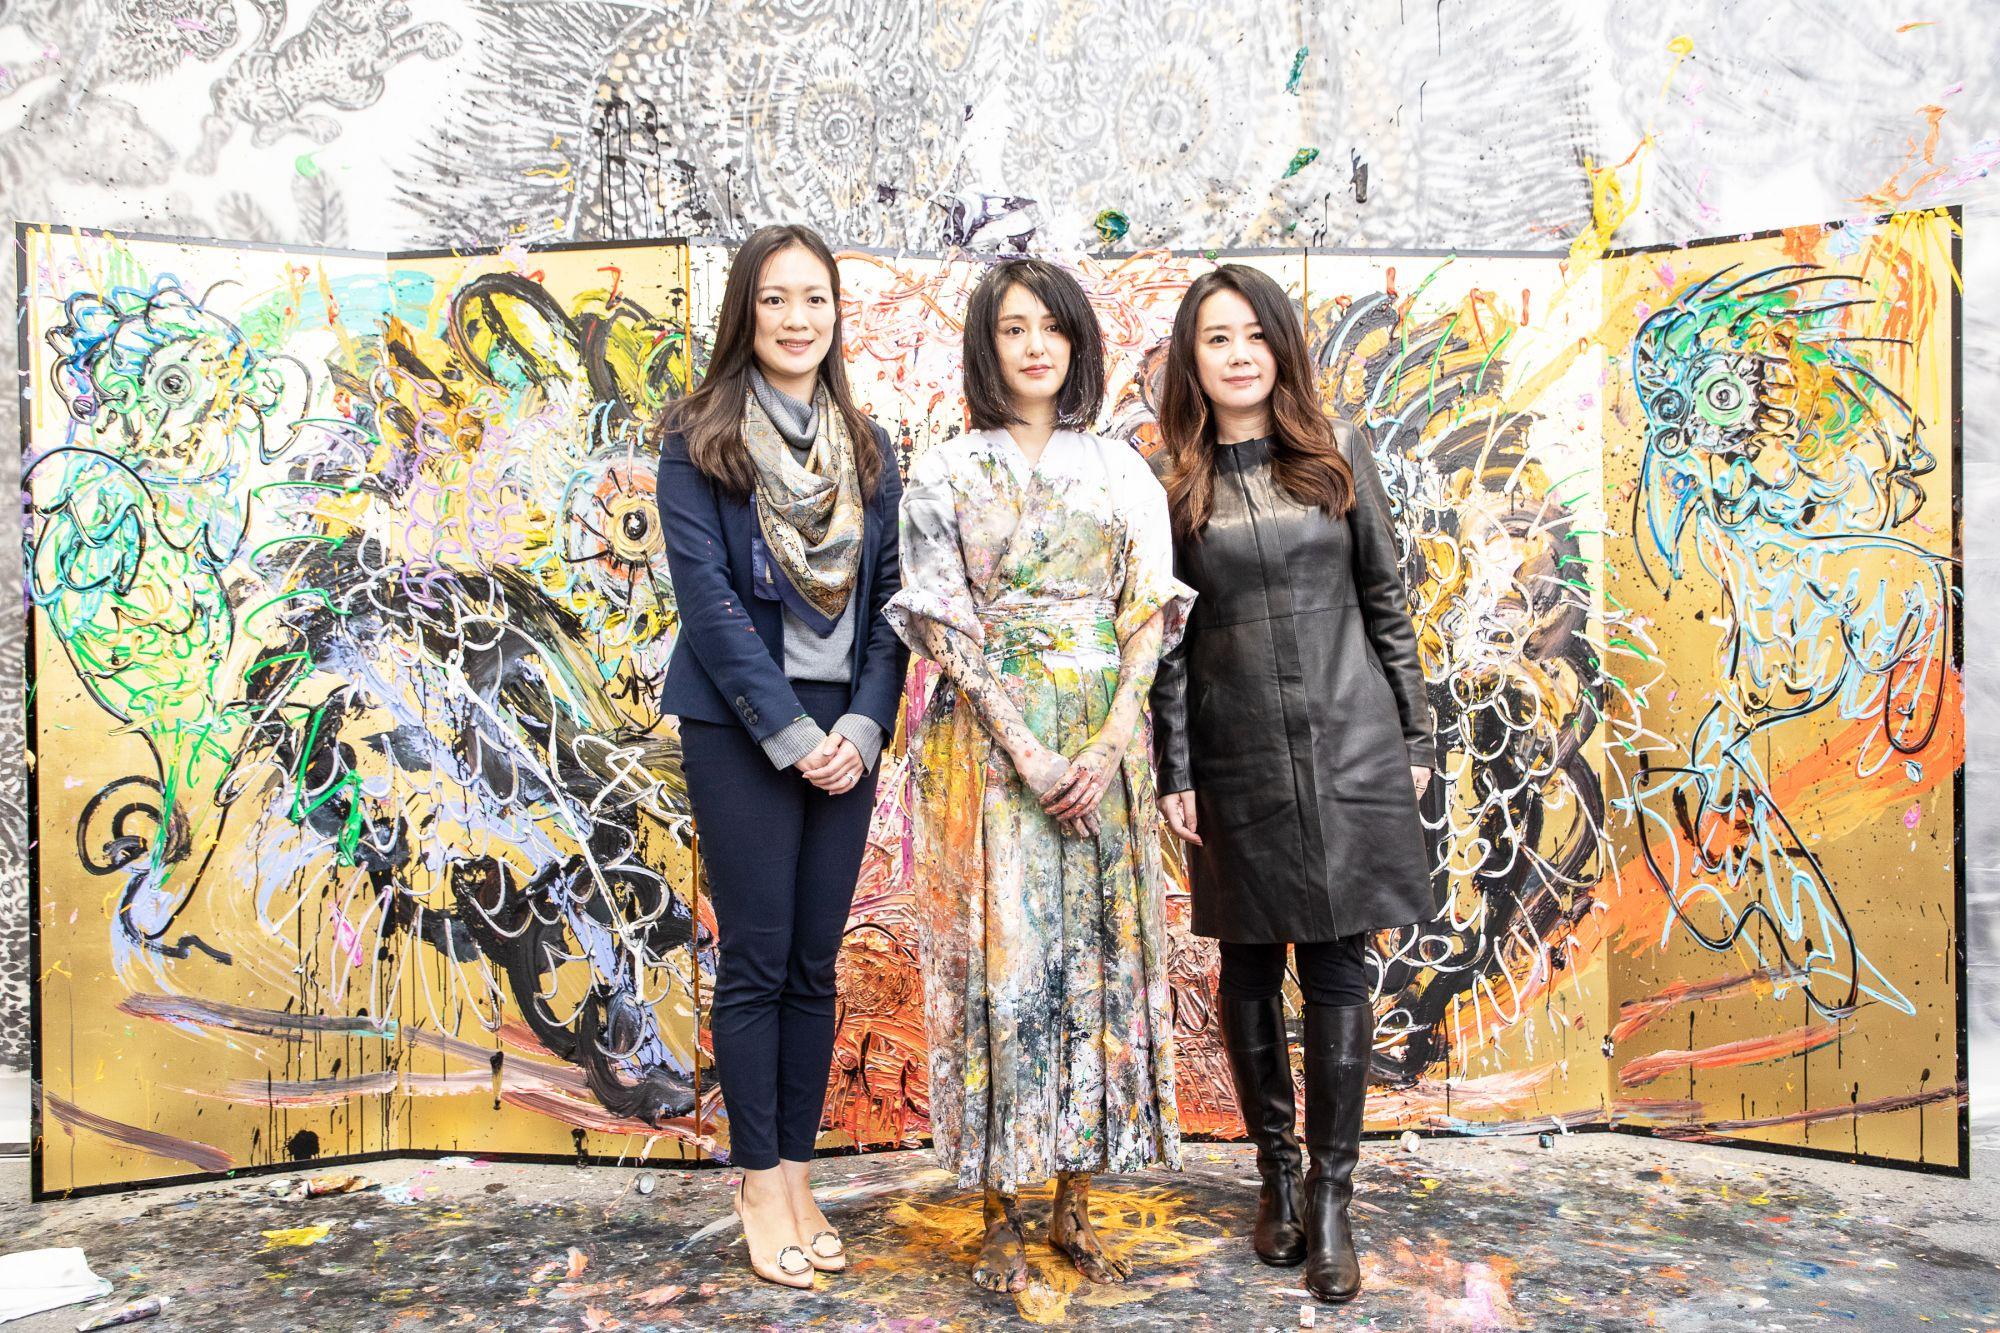 藏富於家 藏藝於心《2019 瑞銀當代女性論壇》藝術投資與完善理財的加乘效應